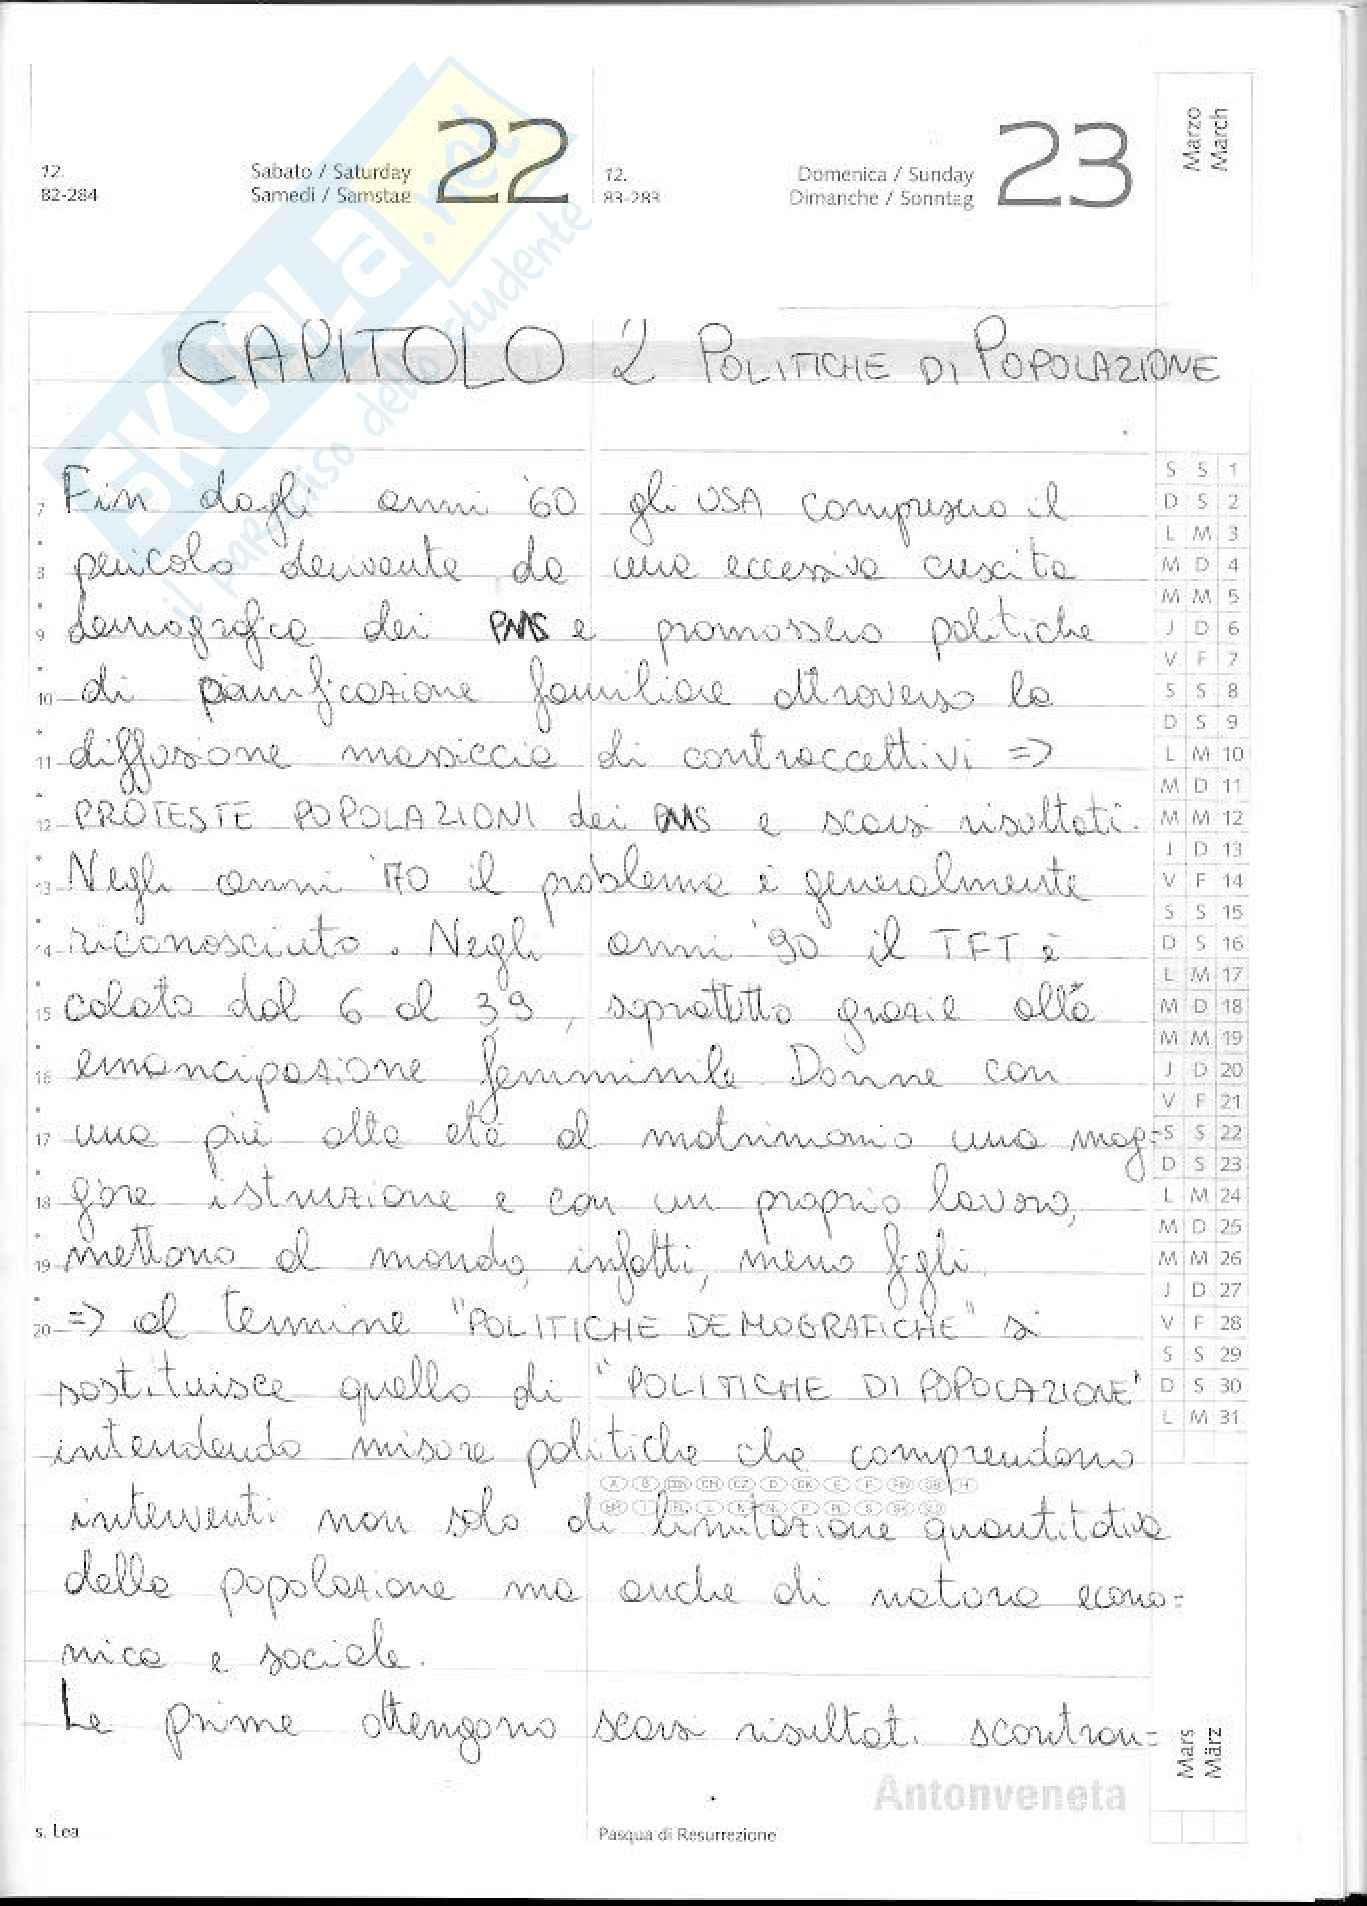 Riassunto esame Demografia e sviluppo, prof. Nobile, libro consigliato Politiche di popolazione e migrazioni, Bussini